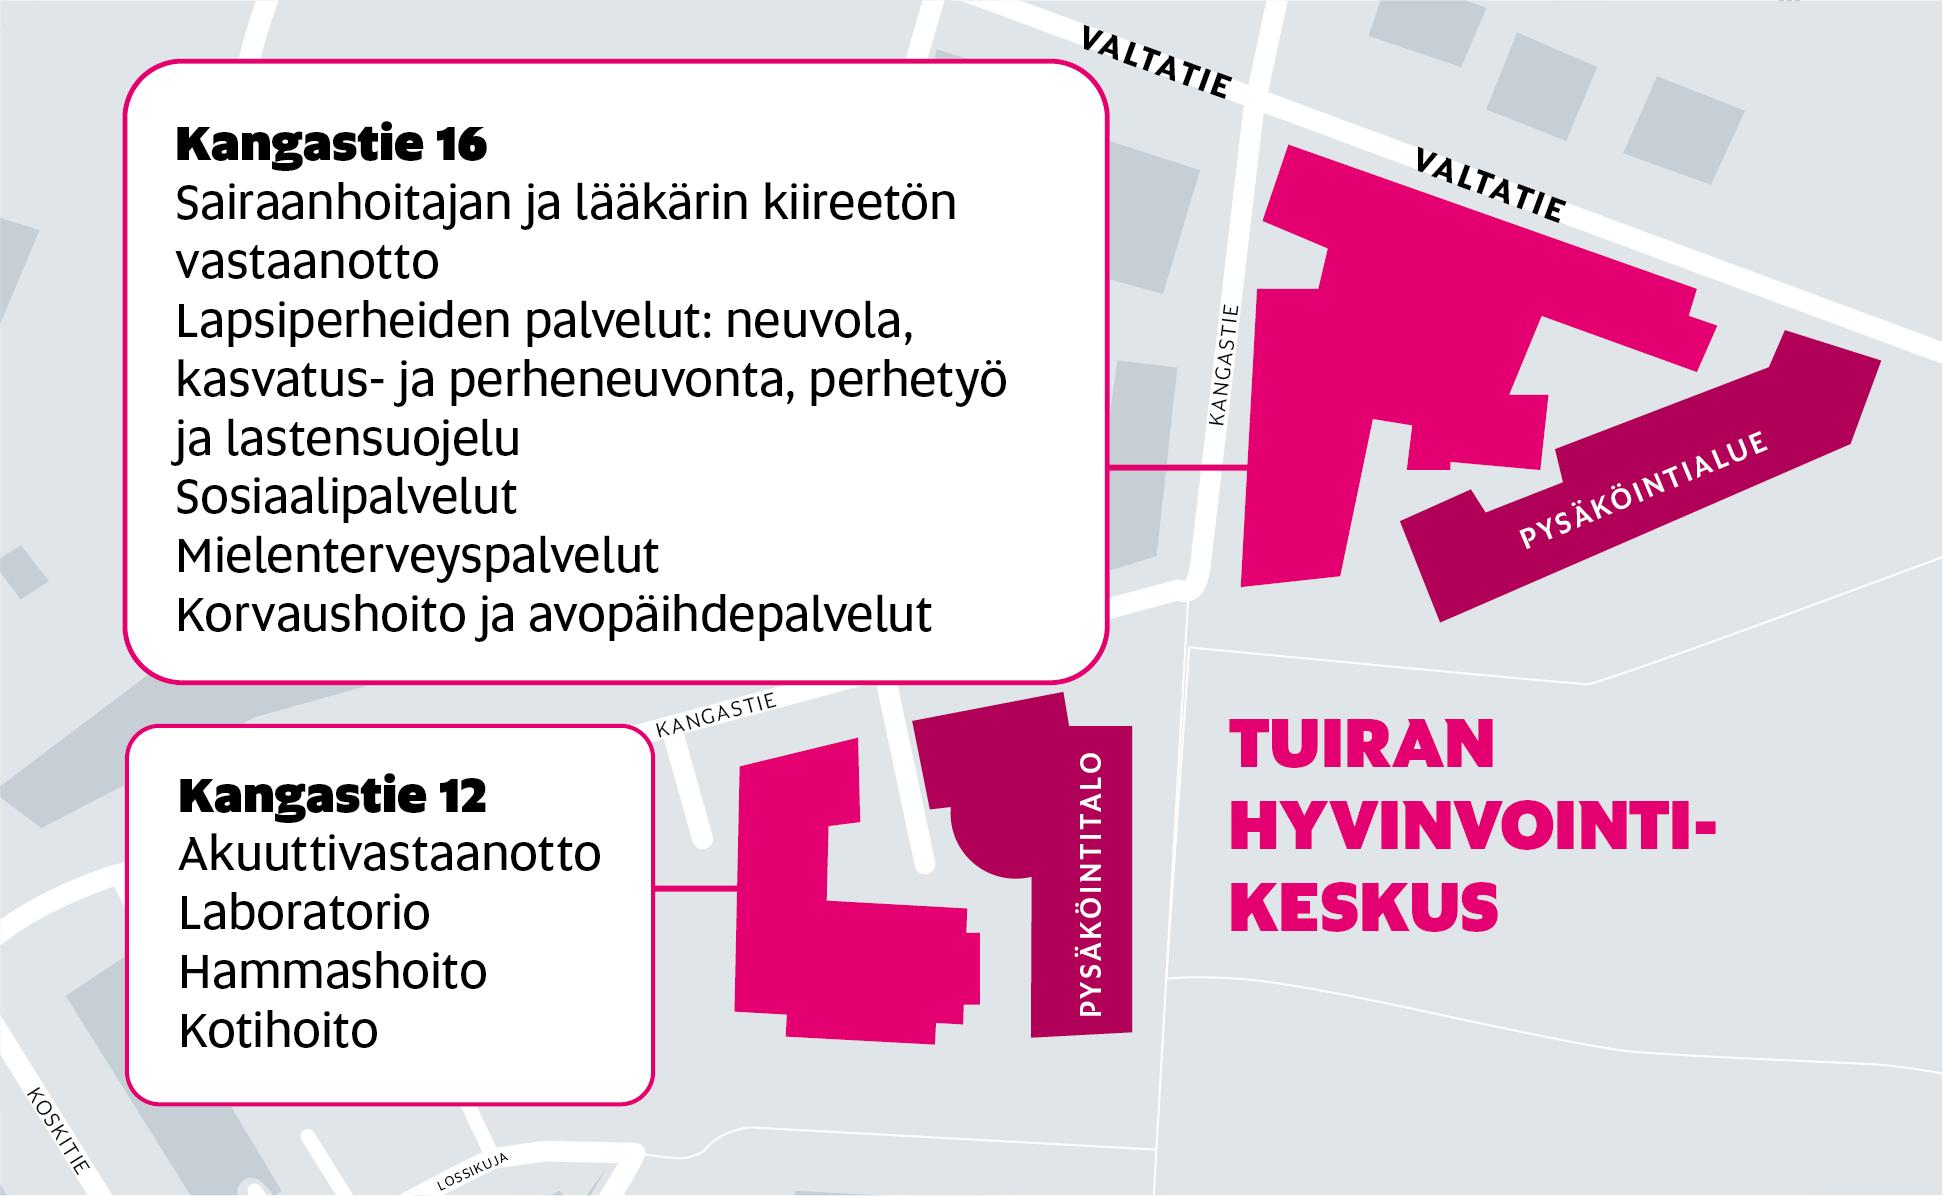 Kangastie 16 Oulu